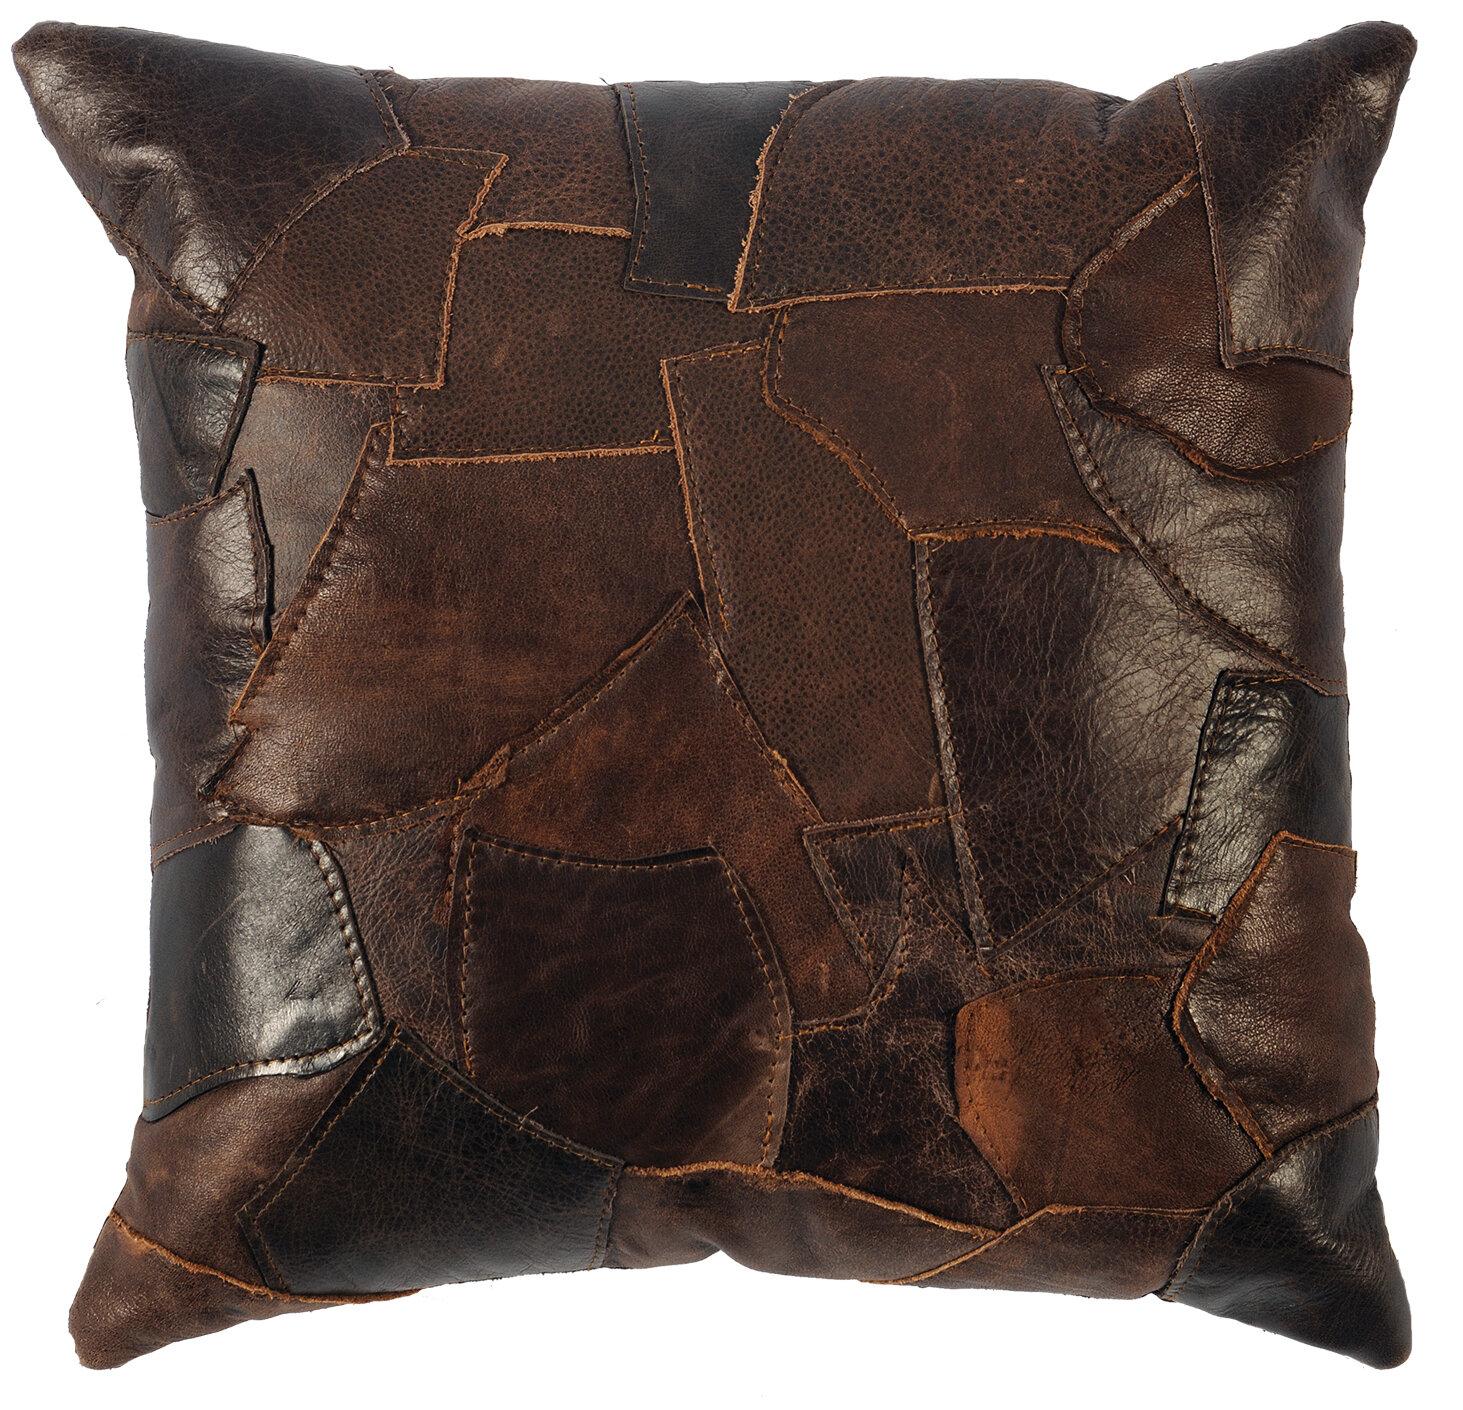 World Menagerie Oyalowo Leather Throw Pillow Reviews Wayfair